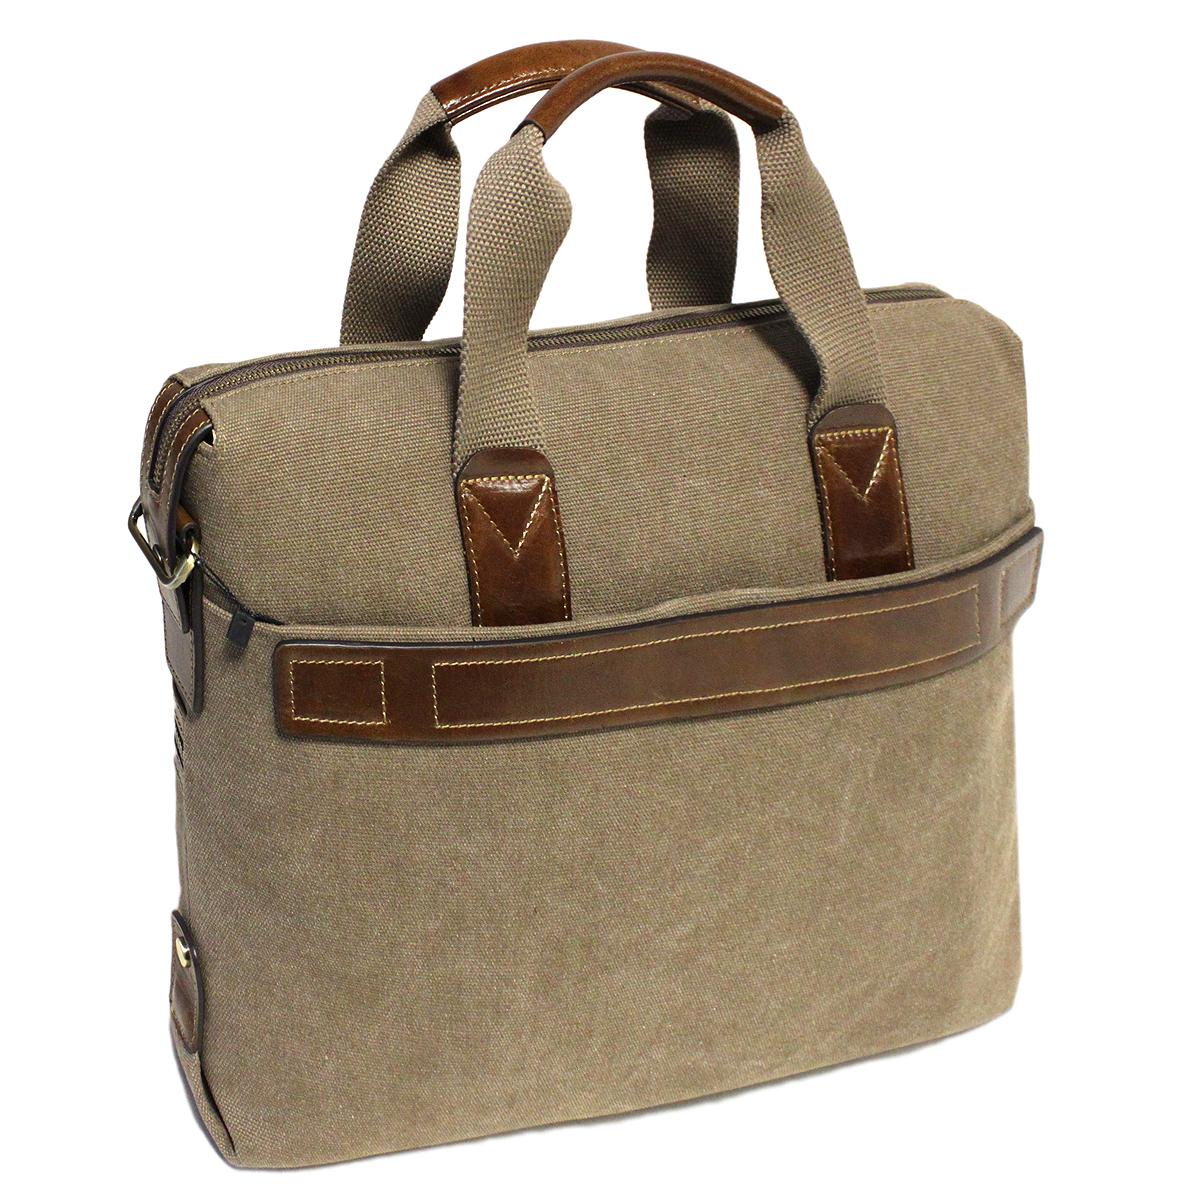 Сумка мужская Edmins, цвет: хаки. 6000-4#ML597BUL/DМужская сумка Edmins выполнена из плотного текстиля цвета хаки и отделки из натуральной кожи коричневого цвета.Сумка содержит одно основное отделение, которое закрывается на застежку-молнию. Внутри - отделение для ноутбука на липучке, вшитый карман на молнии, два накладных кармашка для телефона и мелких бумаг и два фиксатора для пишущих принадлежностей. На лицевой стороне сумки расположен горизонтальный карман на кнопке и небольшой вшитый кармашек на молнии. На задней стенке - отделение для бумаг на кнопке.Сумка оснащена двумя удобными ручками и отстегивающимся плечевым ремнем регулируемой длины.Сегодня мужская сумка - это необходимый аксессуар, который не только уместит все необходимые вещи, но и подчеркнет ваш стиль. Характеристики: Материал: текстиль, натуральная кожа, металл. Цвет: хаки. Размер сумки: 40 см х 7 см х 28 см.Высота ручек: 15 см. Артикул: 6000-4#.